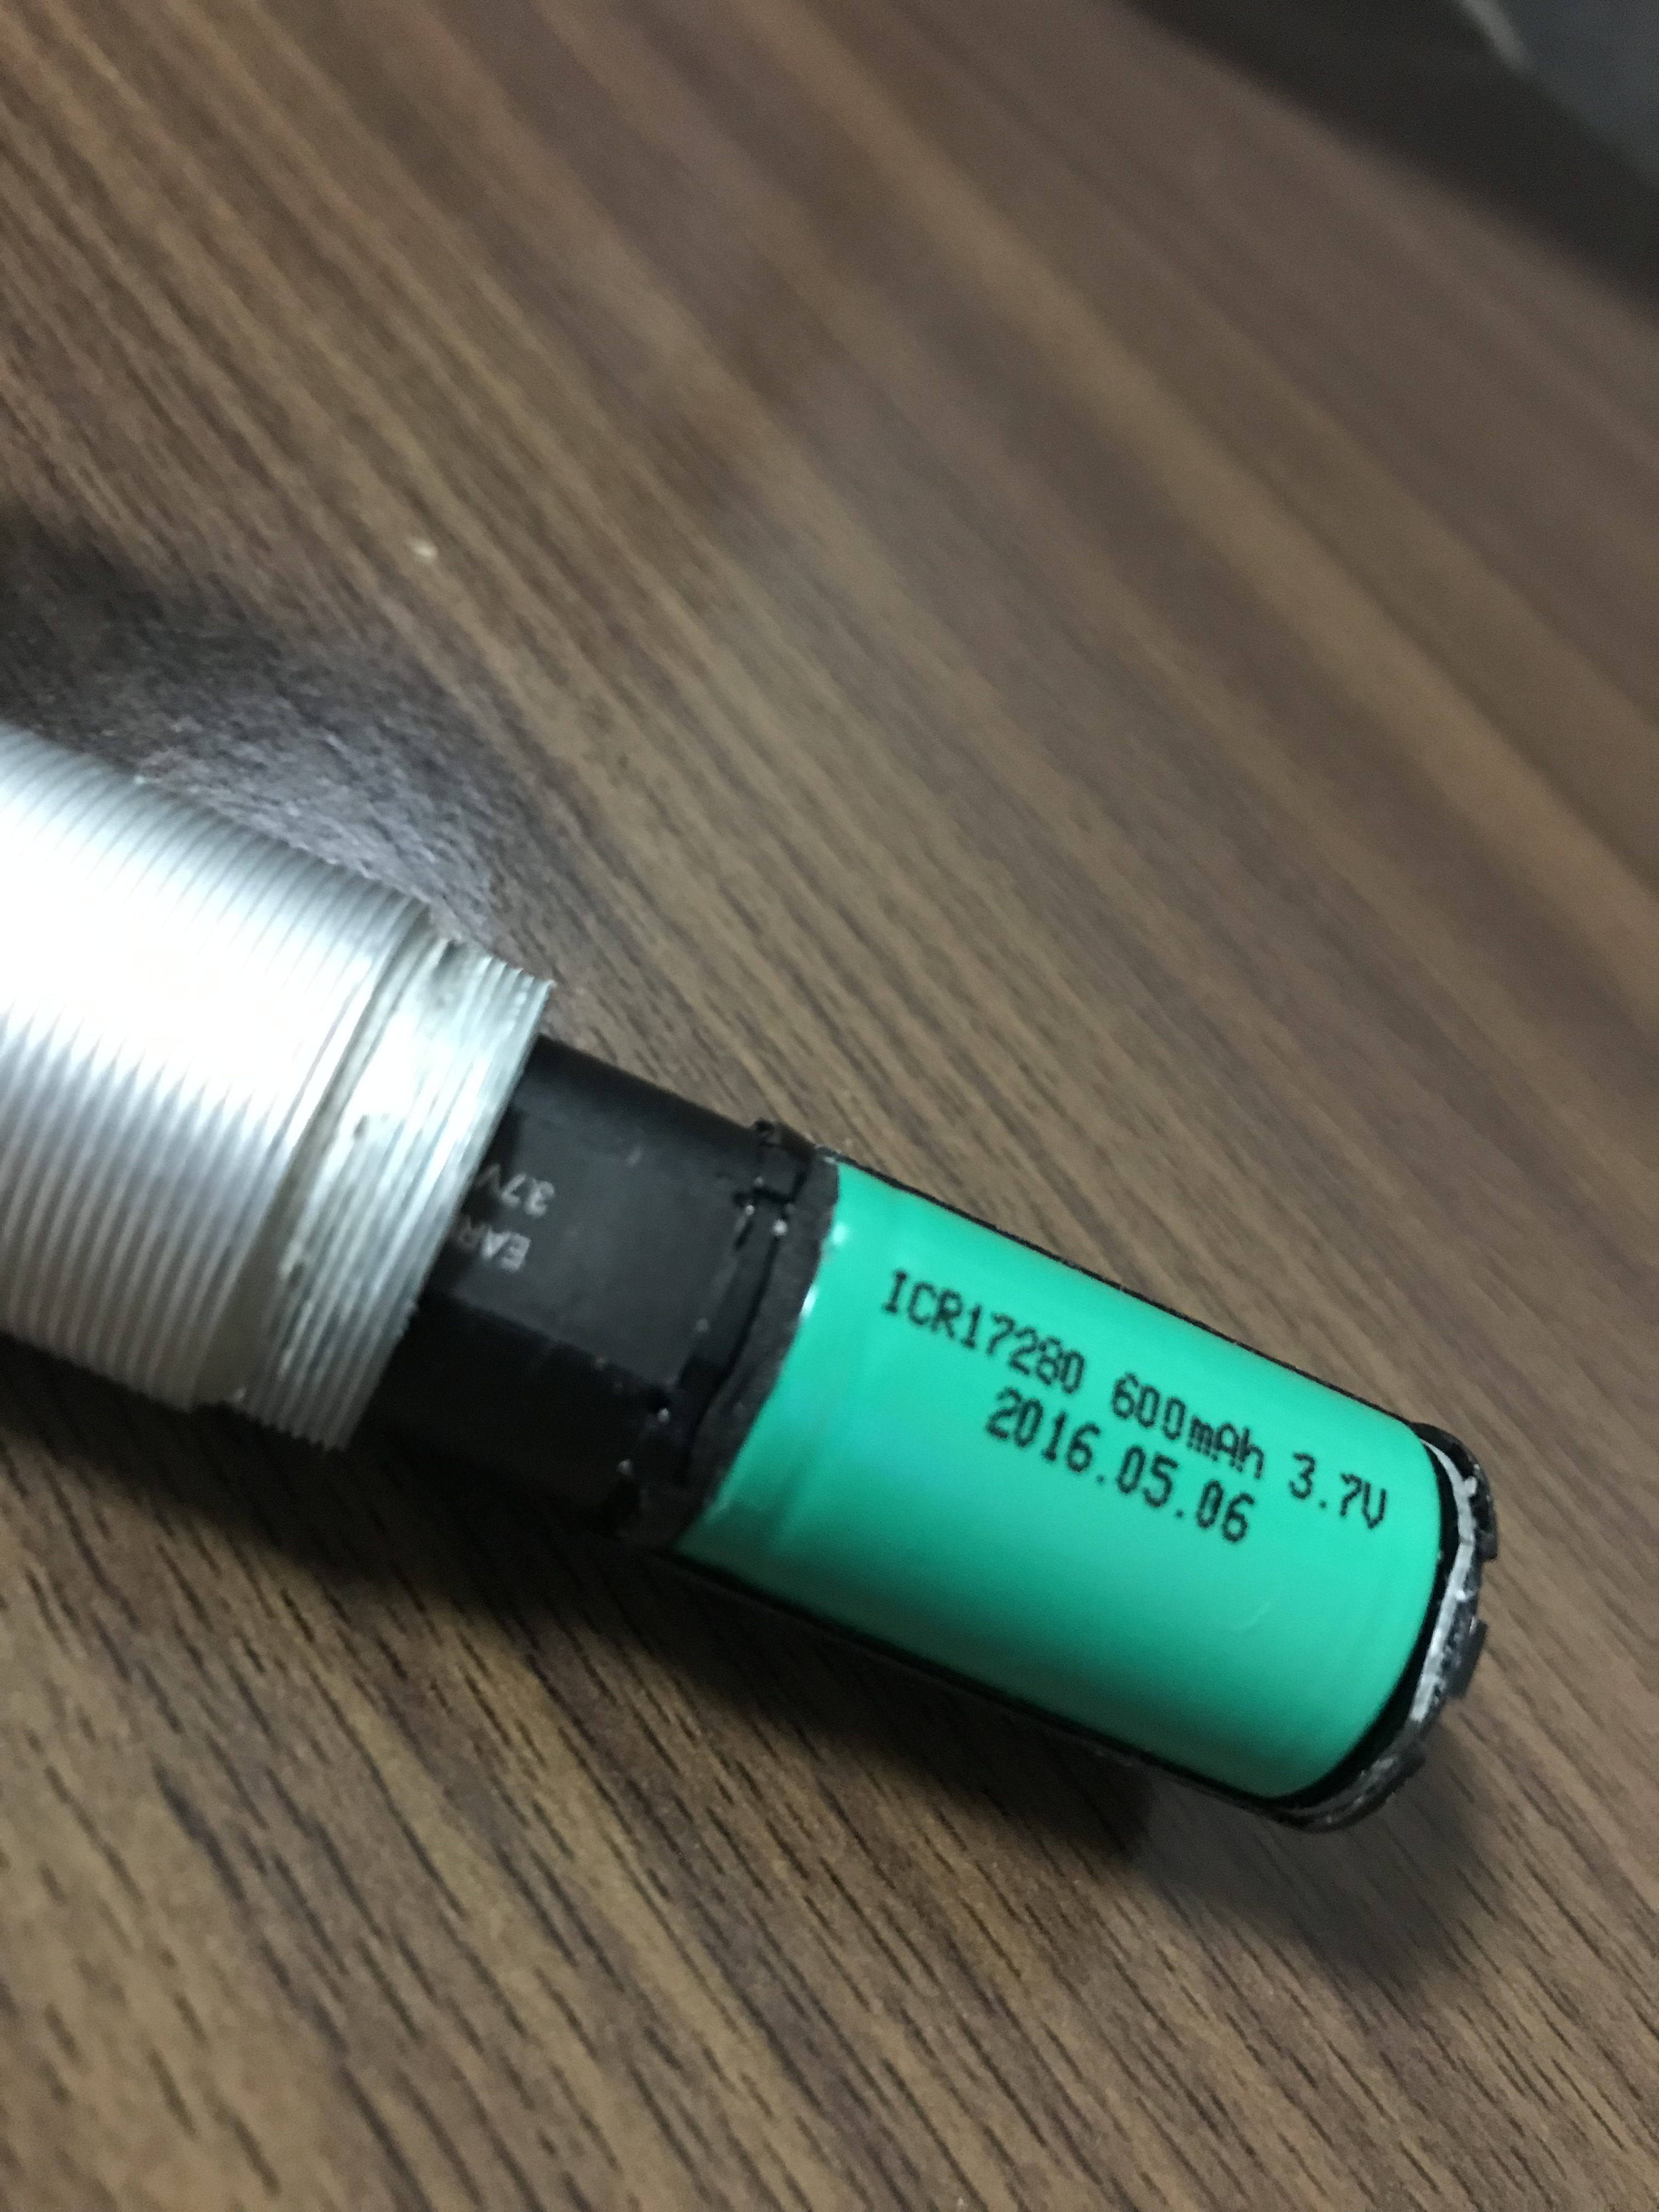 EARIN battery